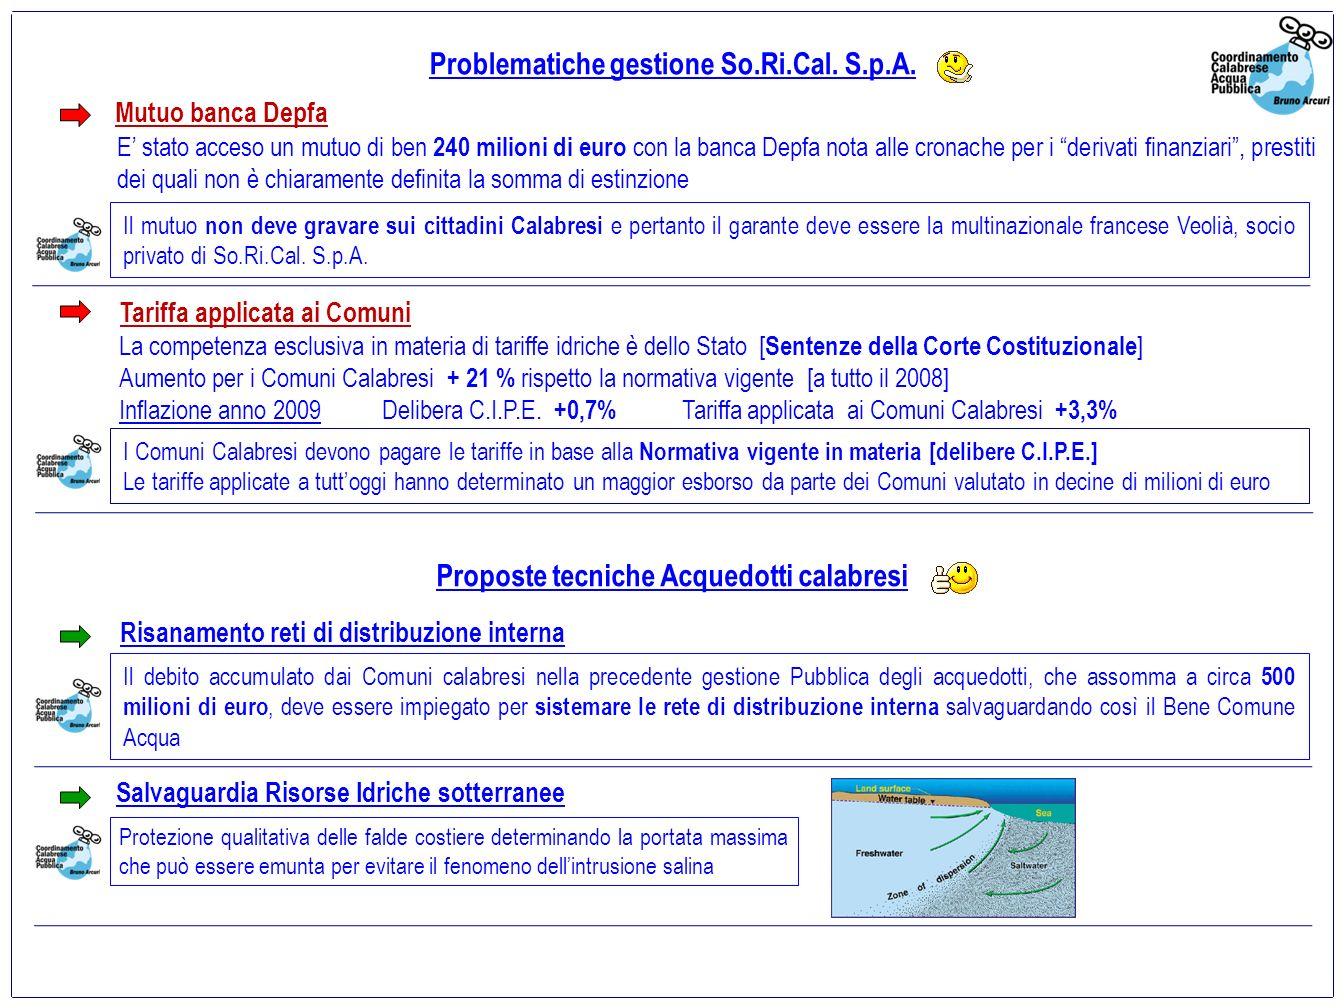 Ma la gestione della So.Ri.Cal.S.p.A. riduce le dispersioni di risorsa idrica in Calabria.